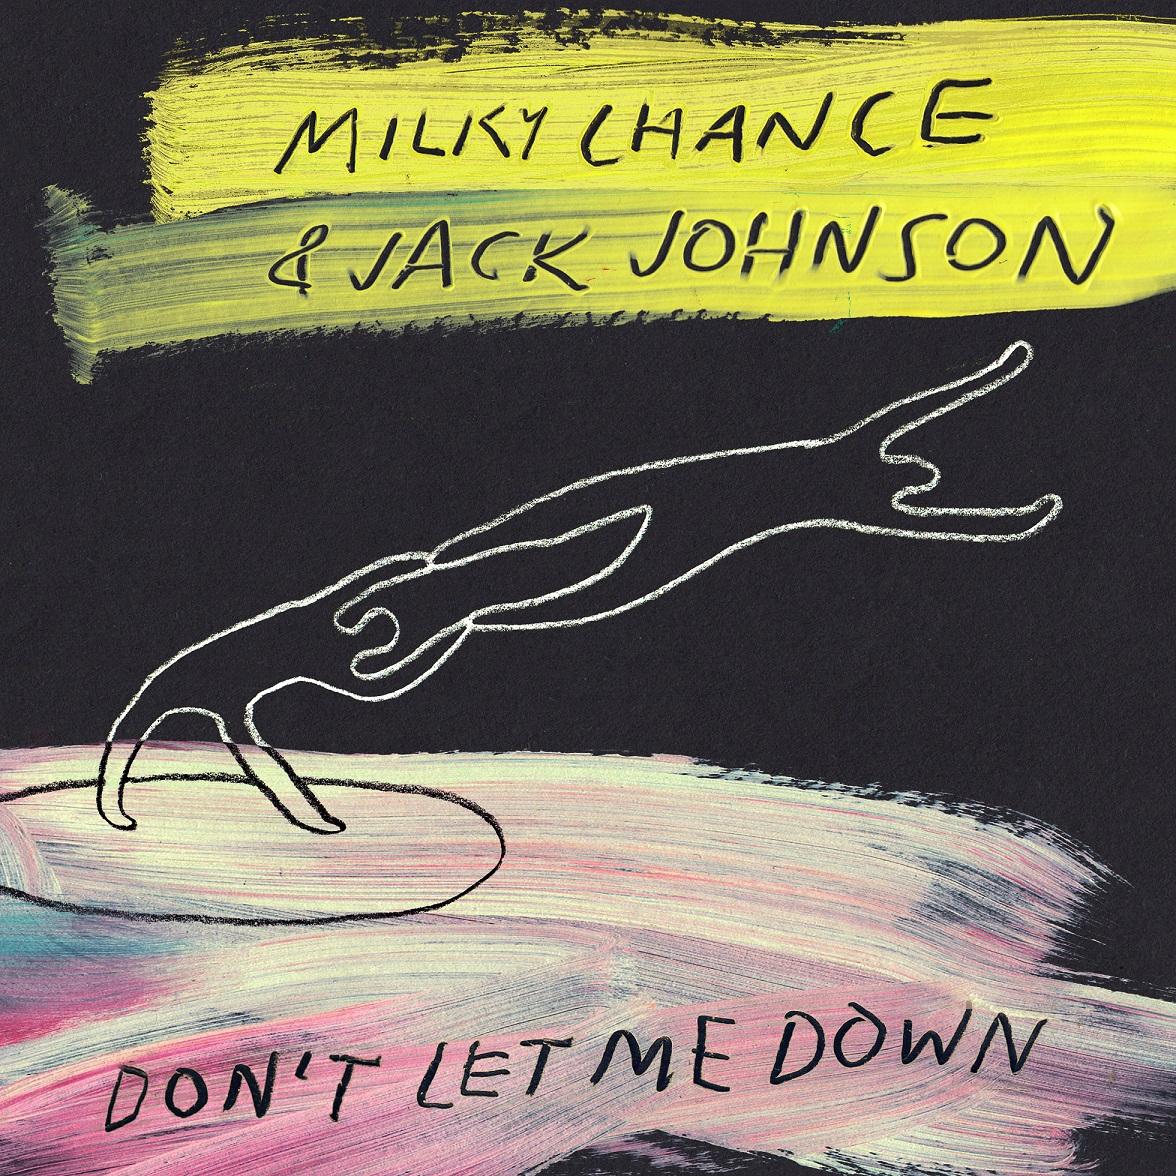 Milky Chance vydávajú singel Don't Let Me Down!